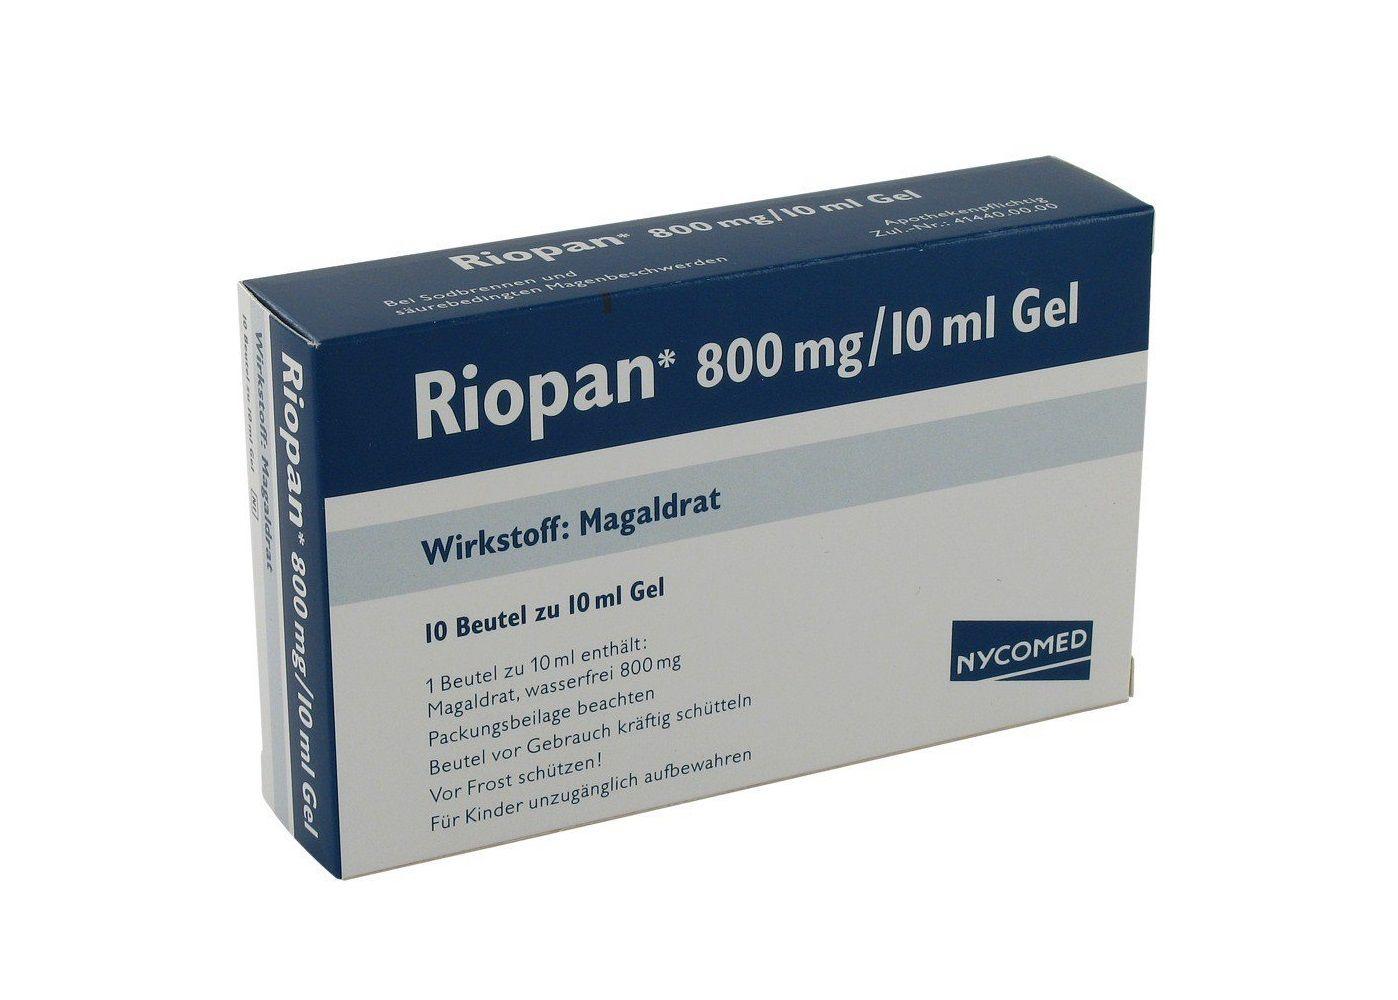 Riopan gel ritirato dalle farmacie: i lotti coinvolti